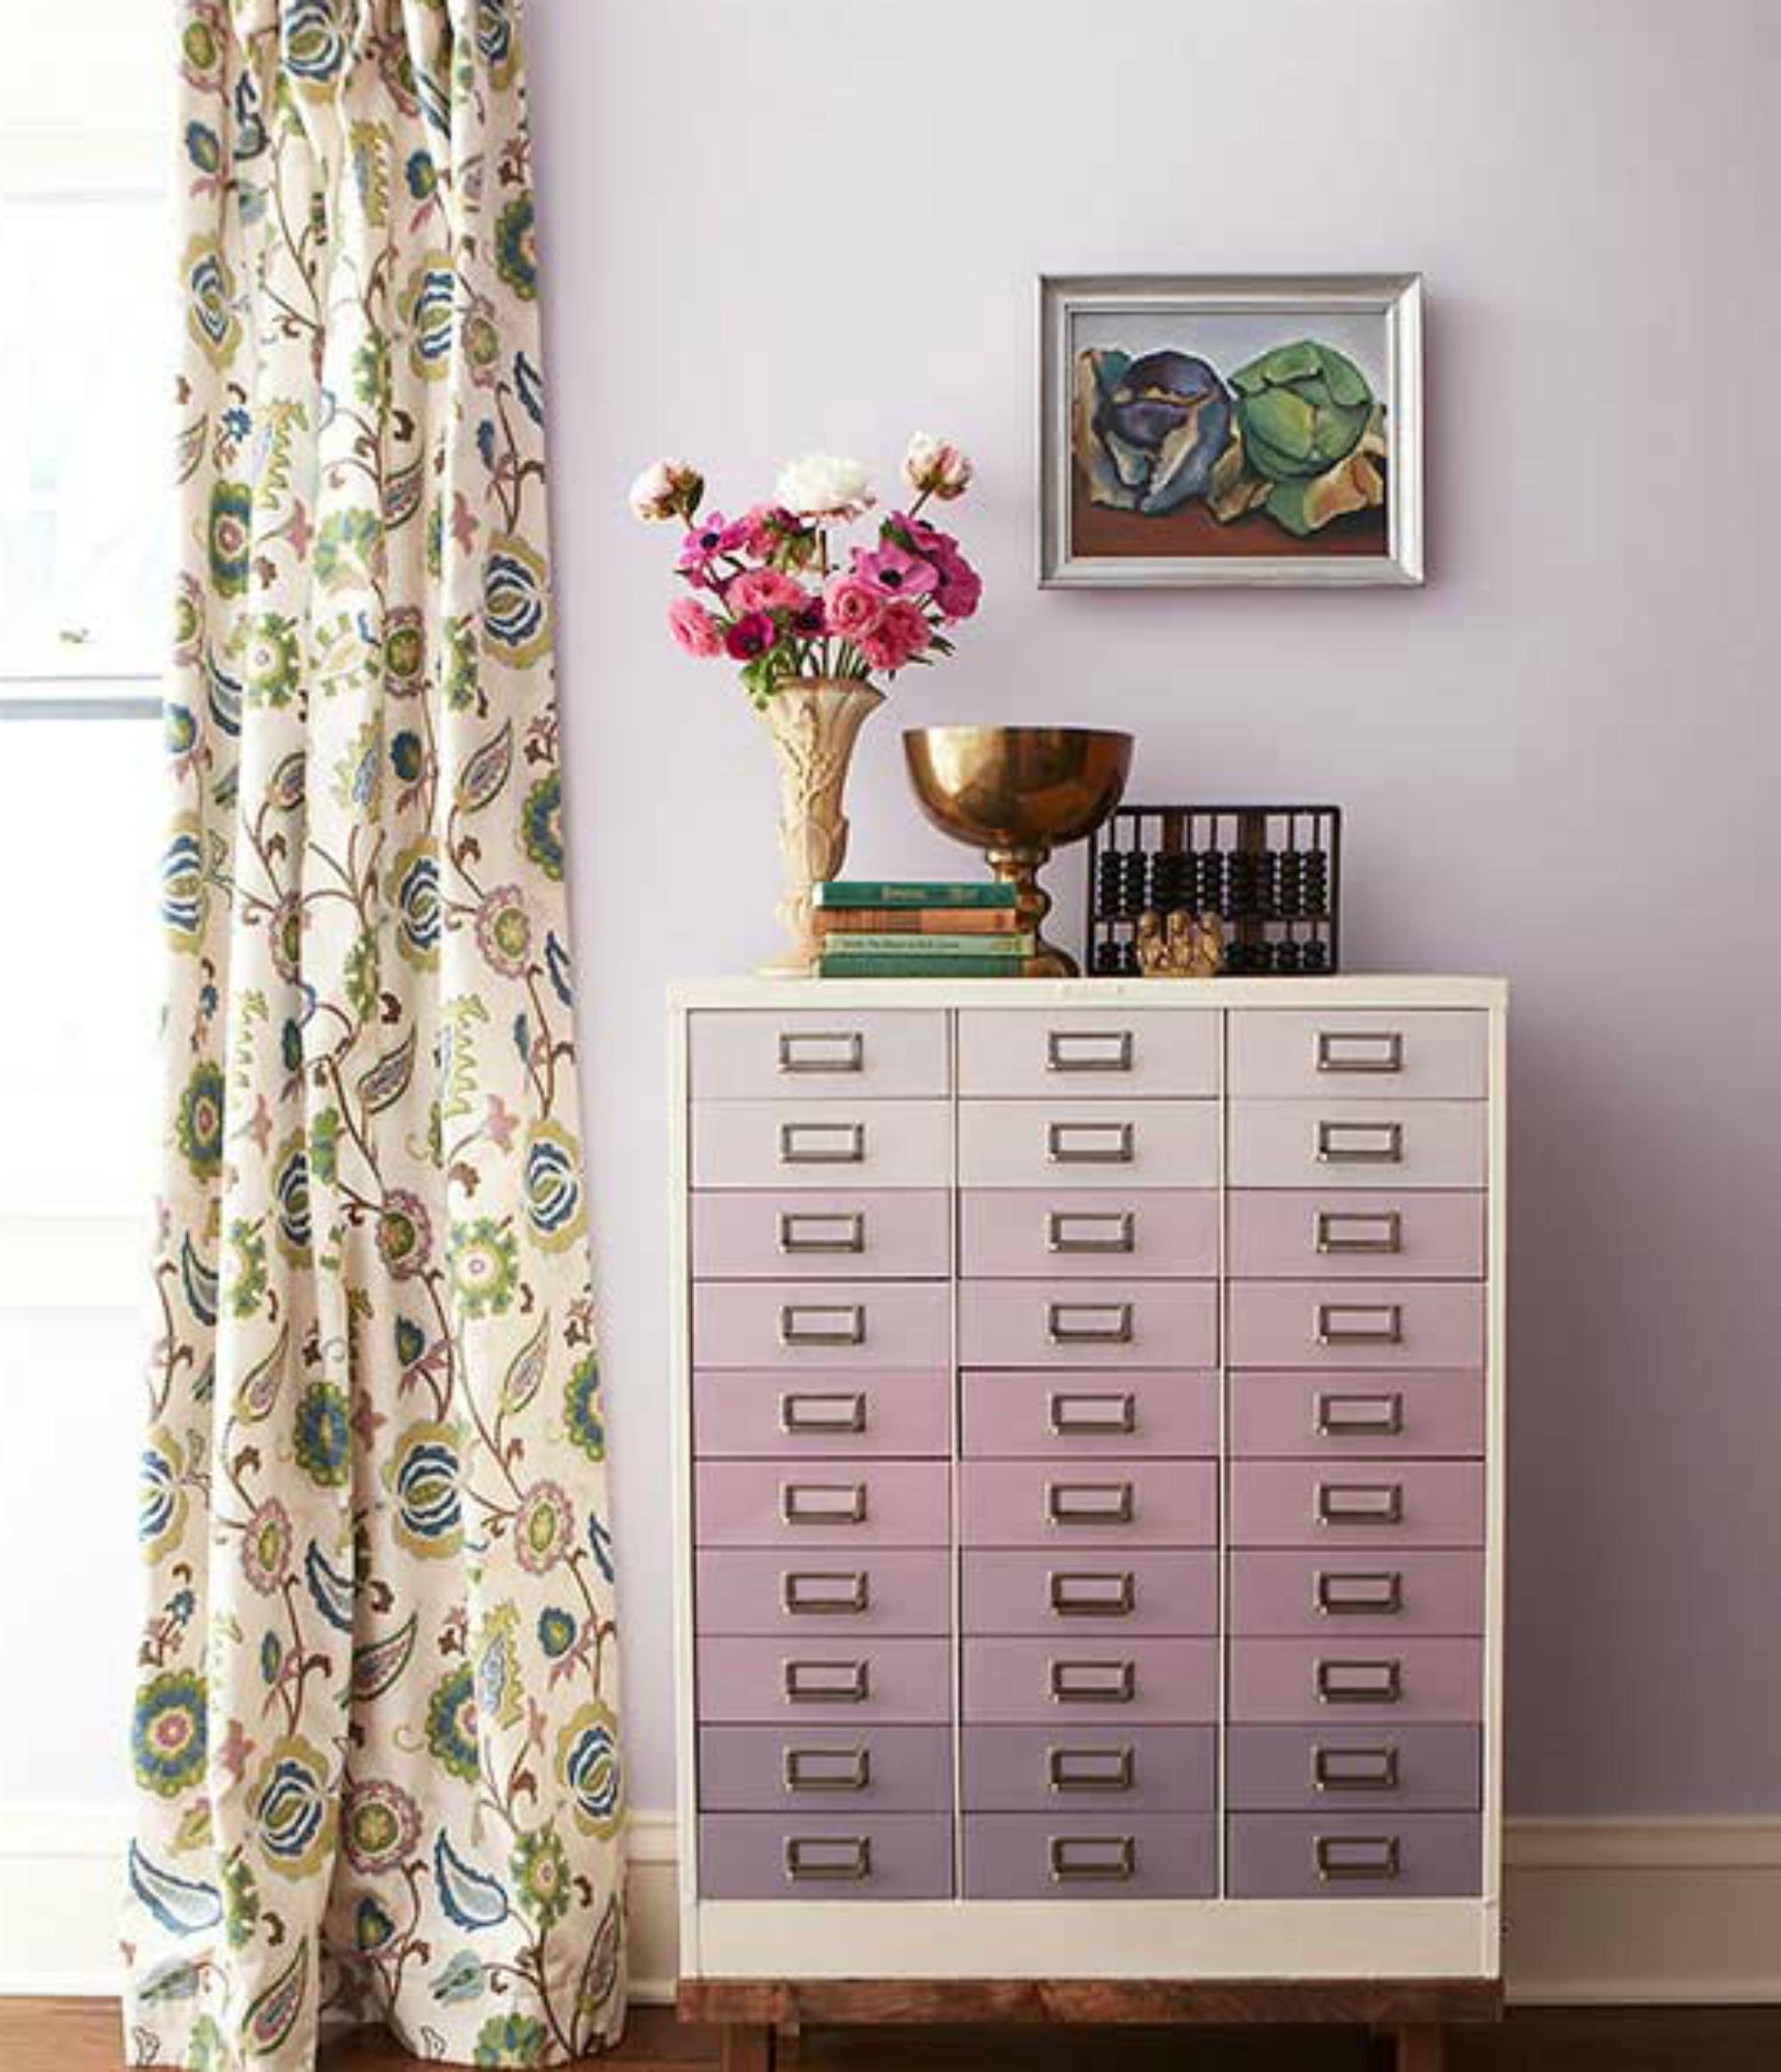 Αν έχετε μια απλή βαρετή συρταριέρα σκεφτείτε να τη βάψετε όμπρε.